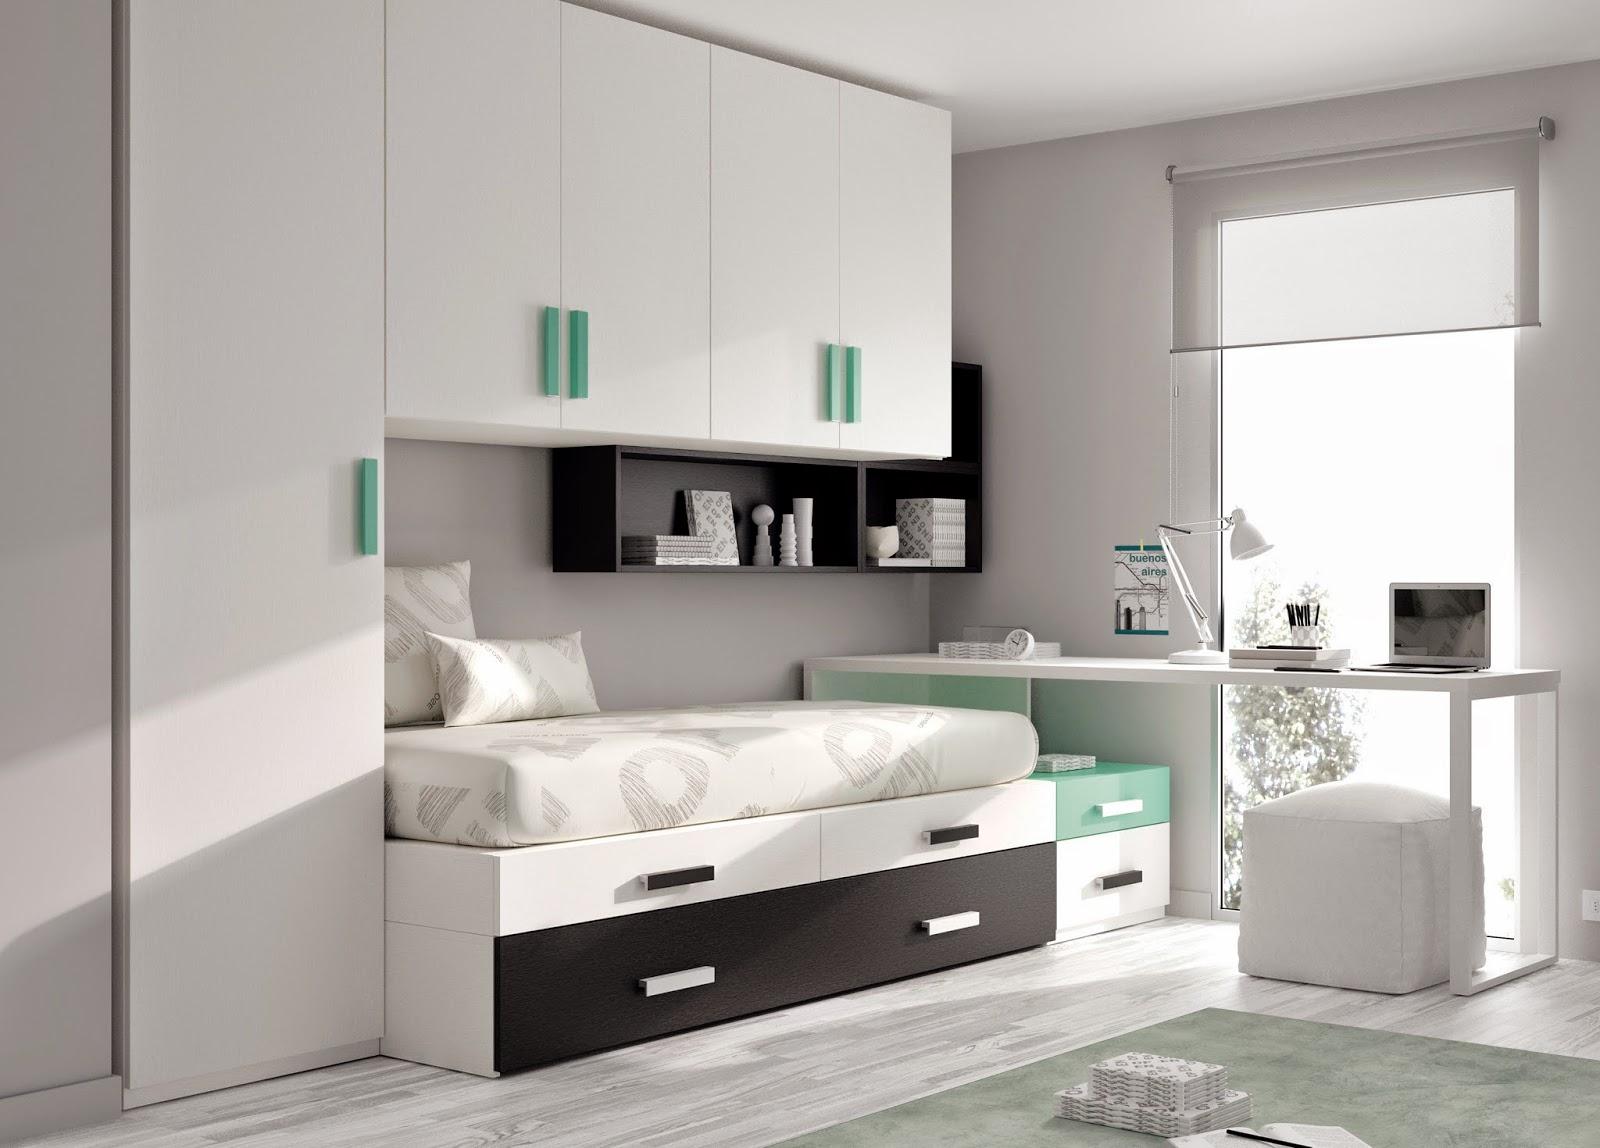 Camas nido muebles ros ahorrar espacio - Colchones pequenos ...